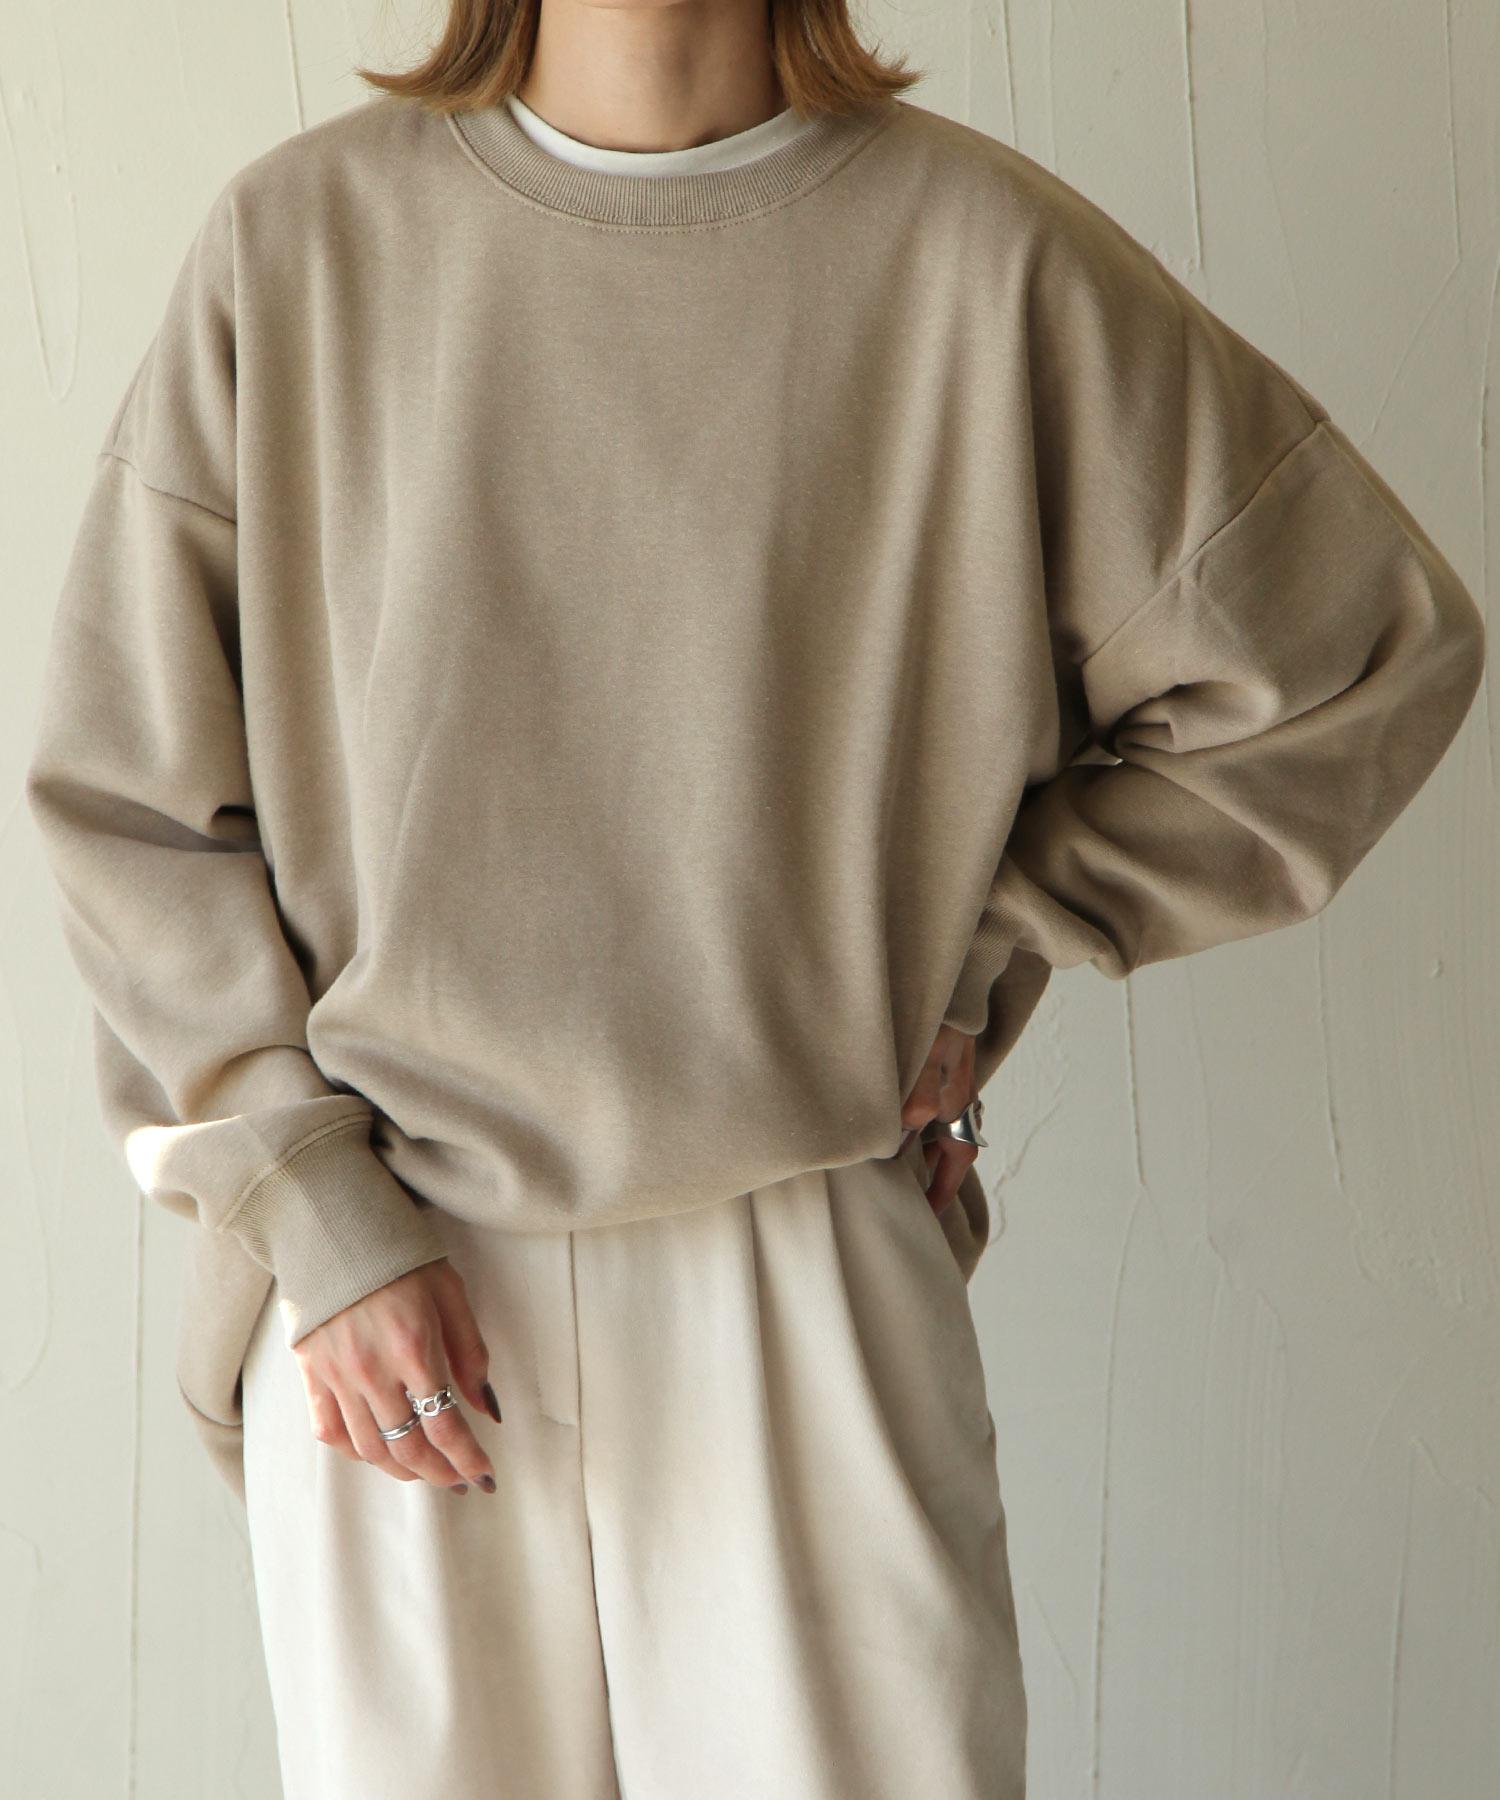 【Chillfar】內刷毛後衣襬開岔運動衫 寬版 OVERSIZE 1